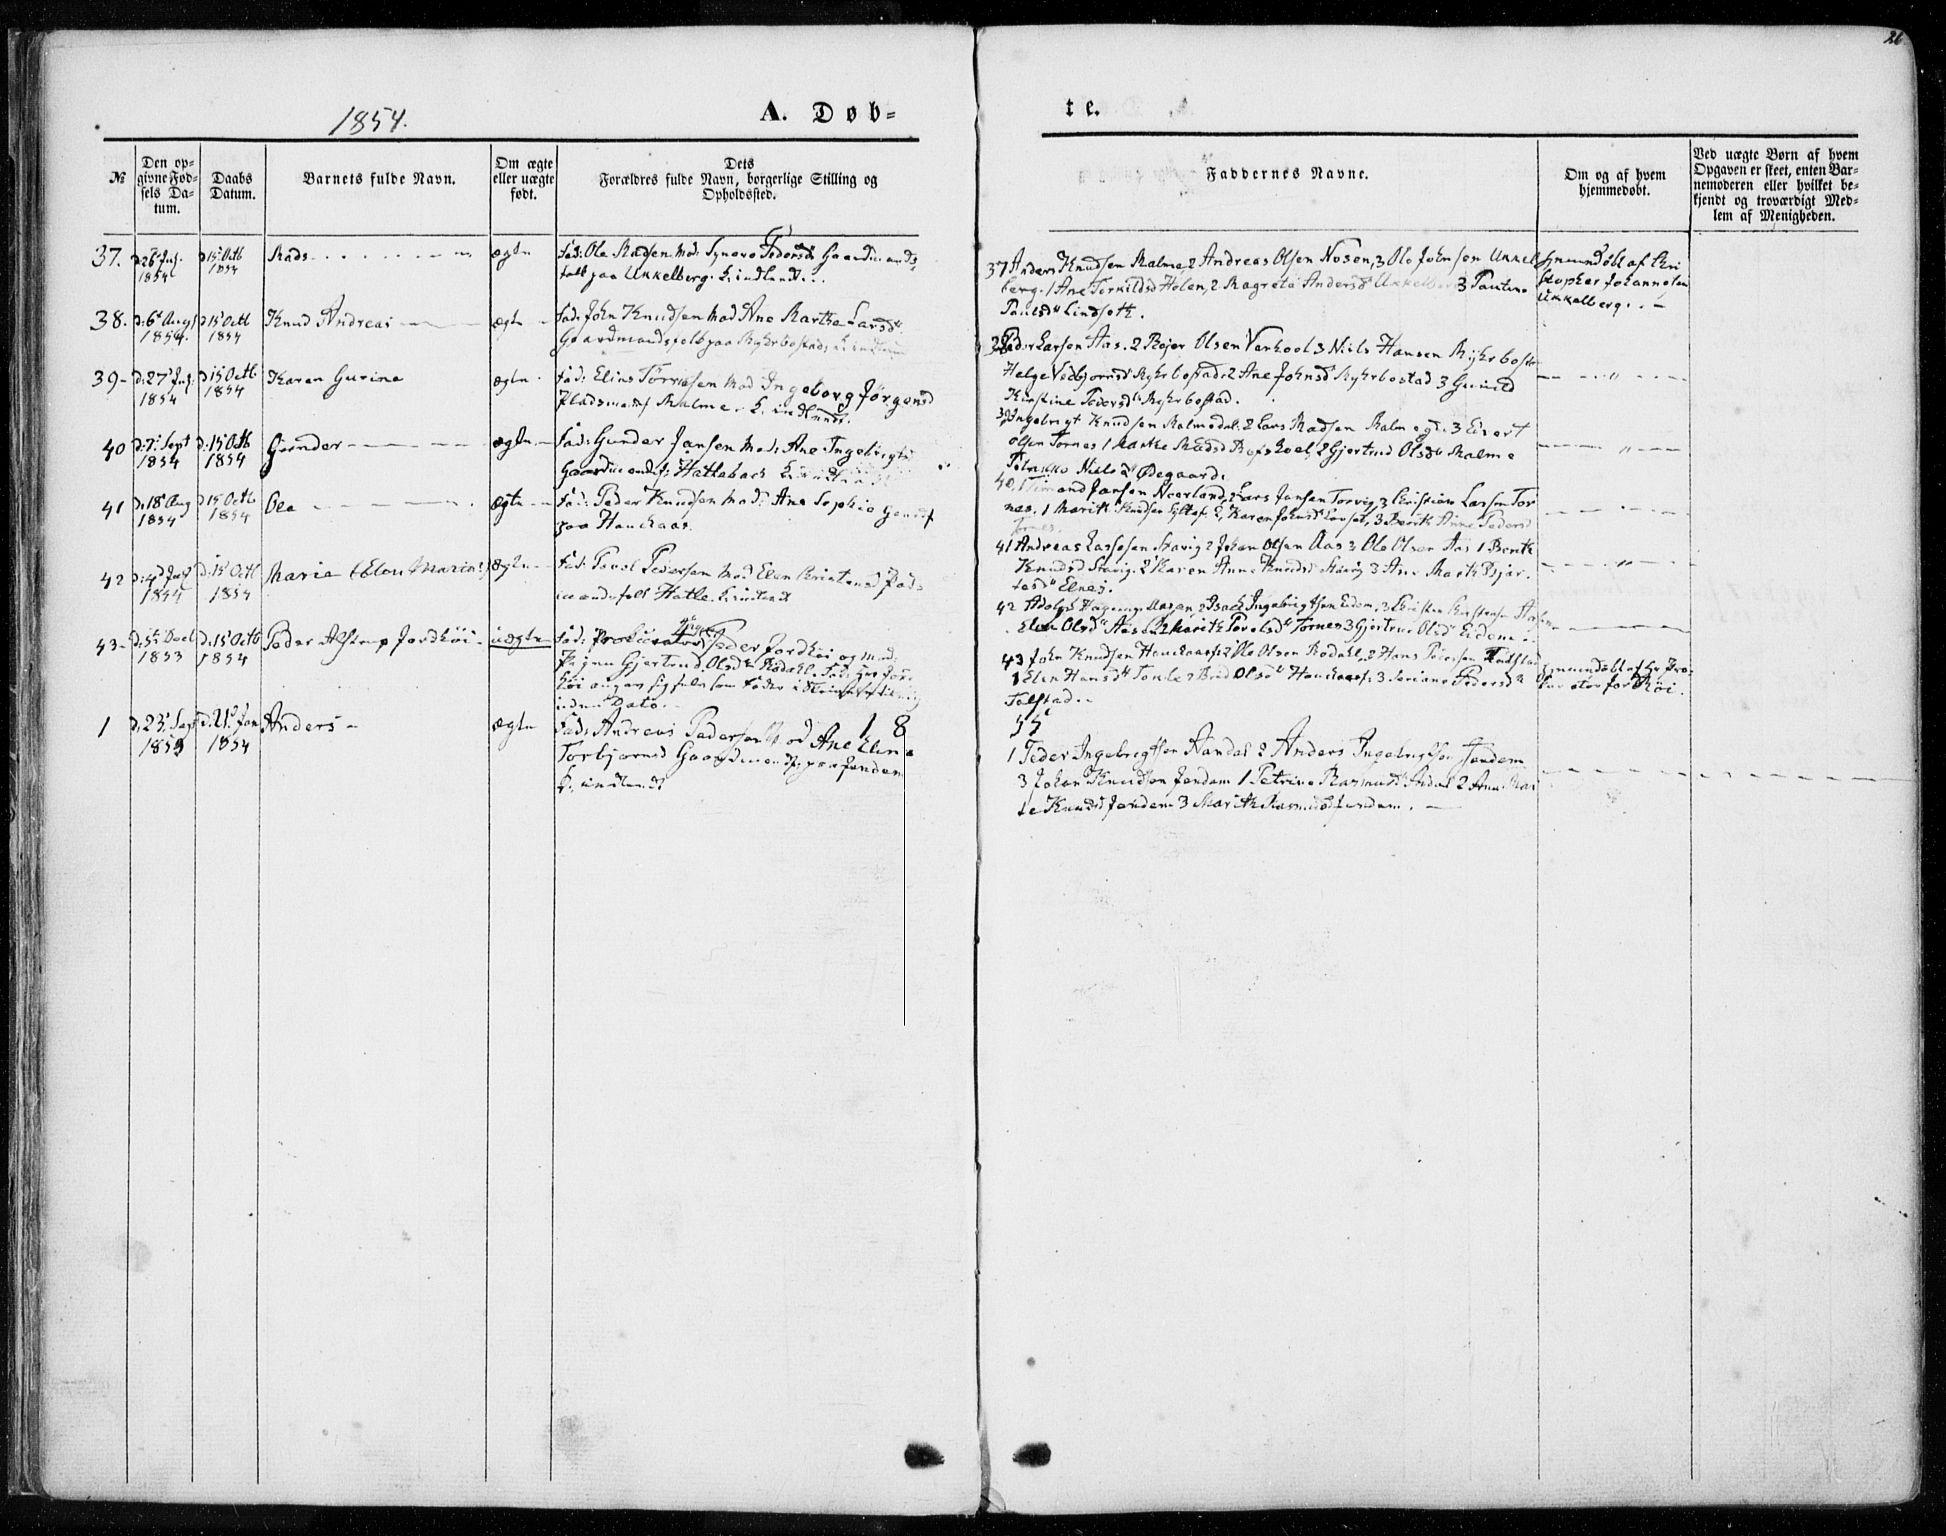 SAT, Ministerialprotokoller, klokkerbøker og fødselsregistre - Møre og Romsdal, 565/L0748: Ministerialbok nr. 565A02, 1845-1872, s. 26